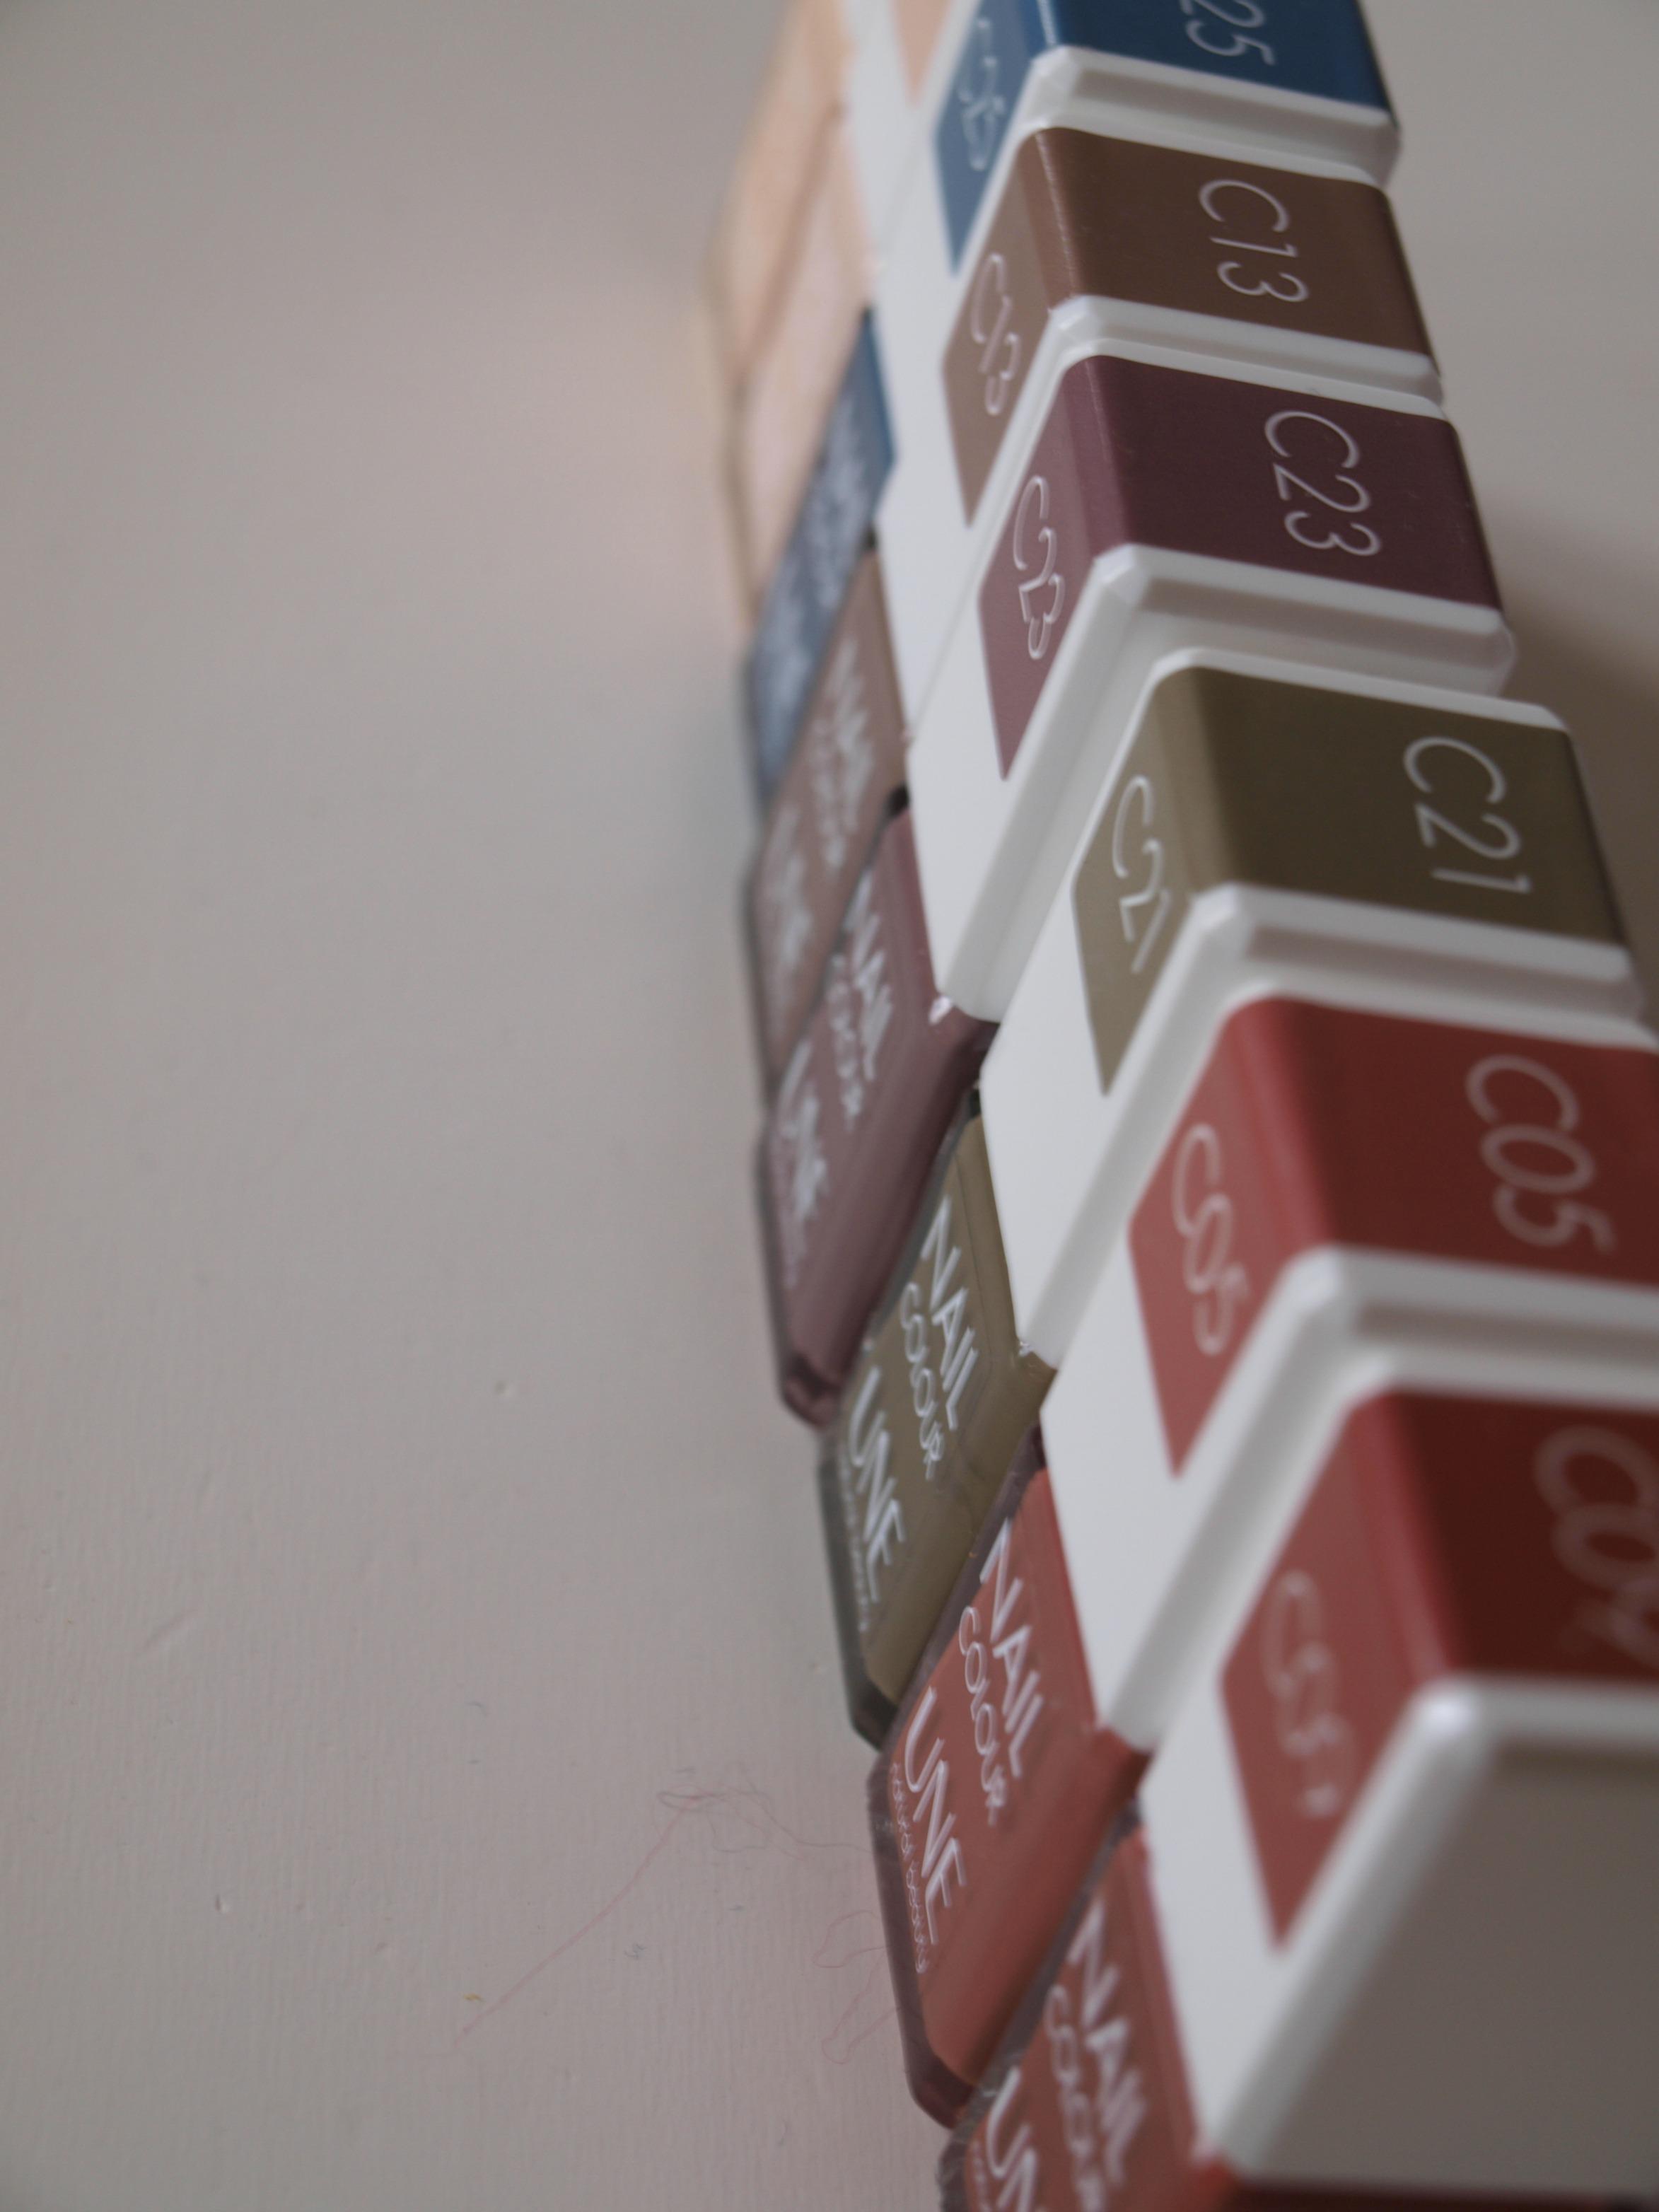 vernis naturels Une Beauty 30ansenbeaute 32 vernis naturels Une Beauty 30ansenbeaute 3